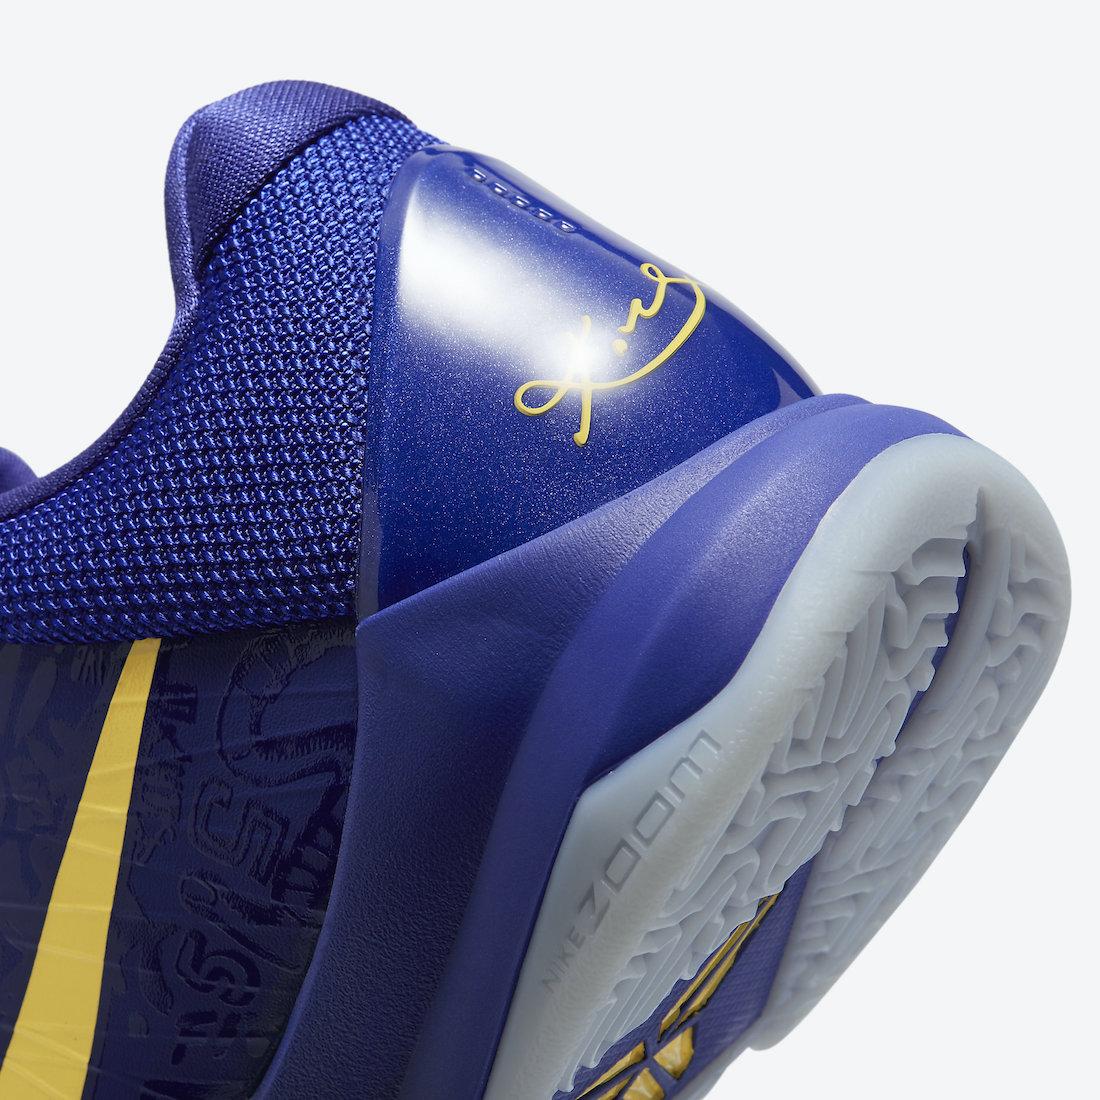 Nike-Kobe-5-Protro-5-Rings-CD4991-400-Release-Date-7